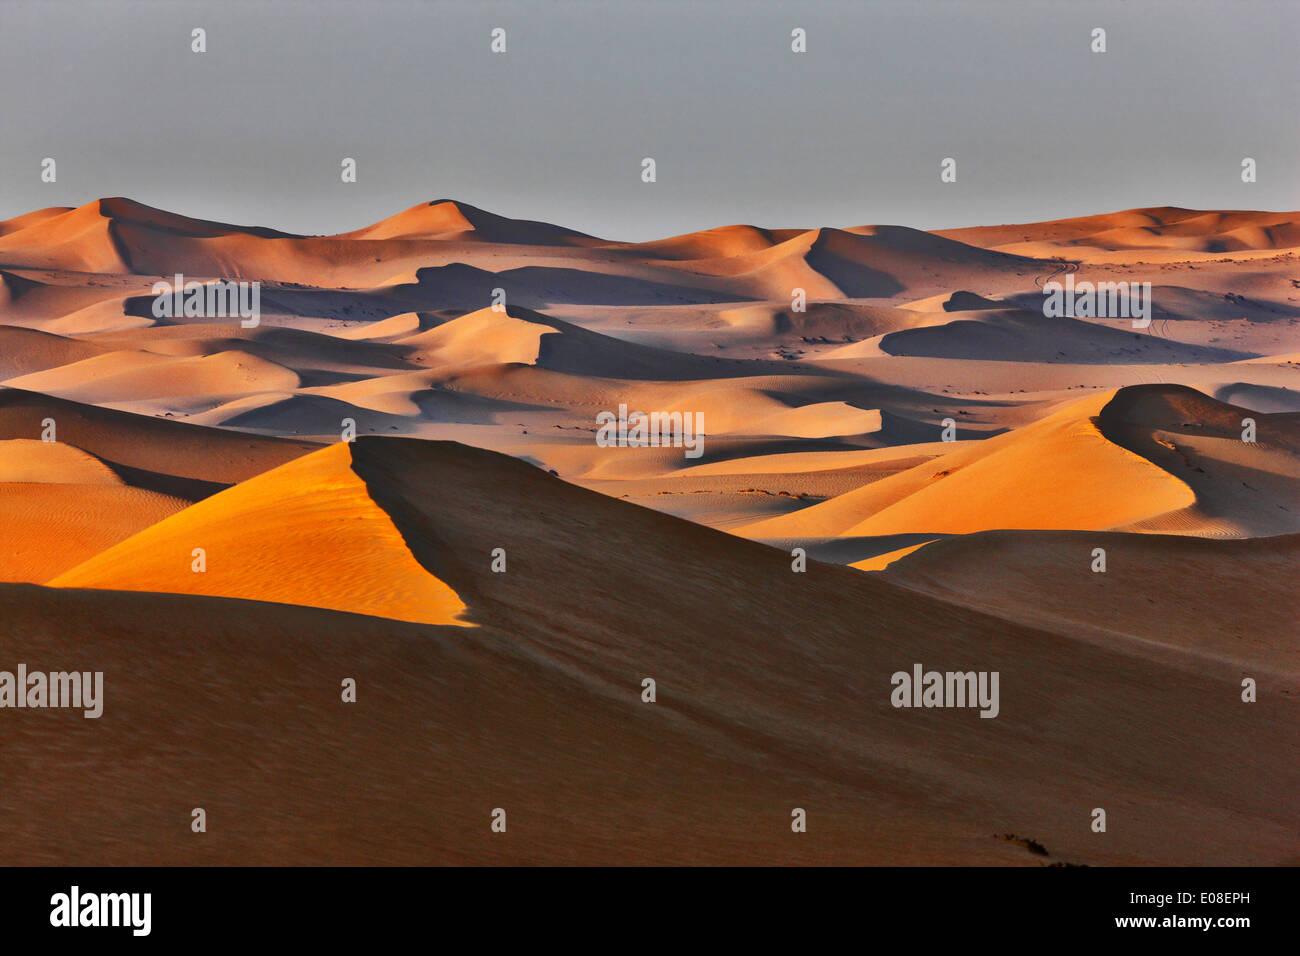 Paisaje de dunas de arena en el desierto de Arabia. Imagen De Stock